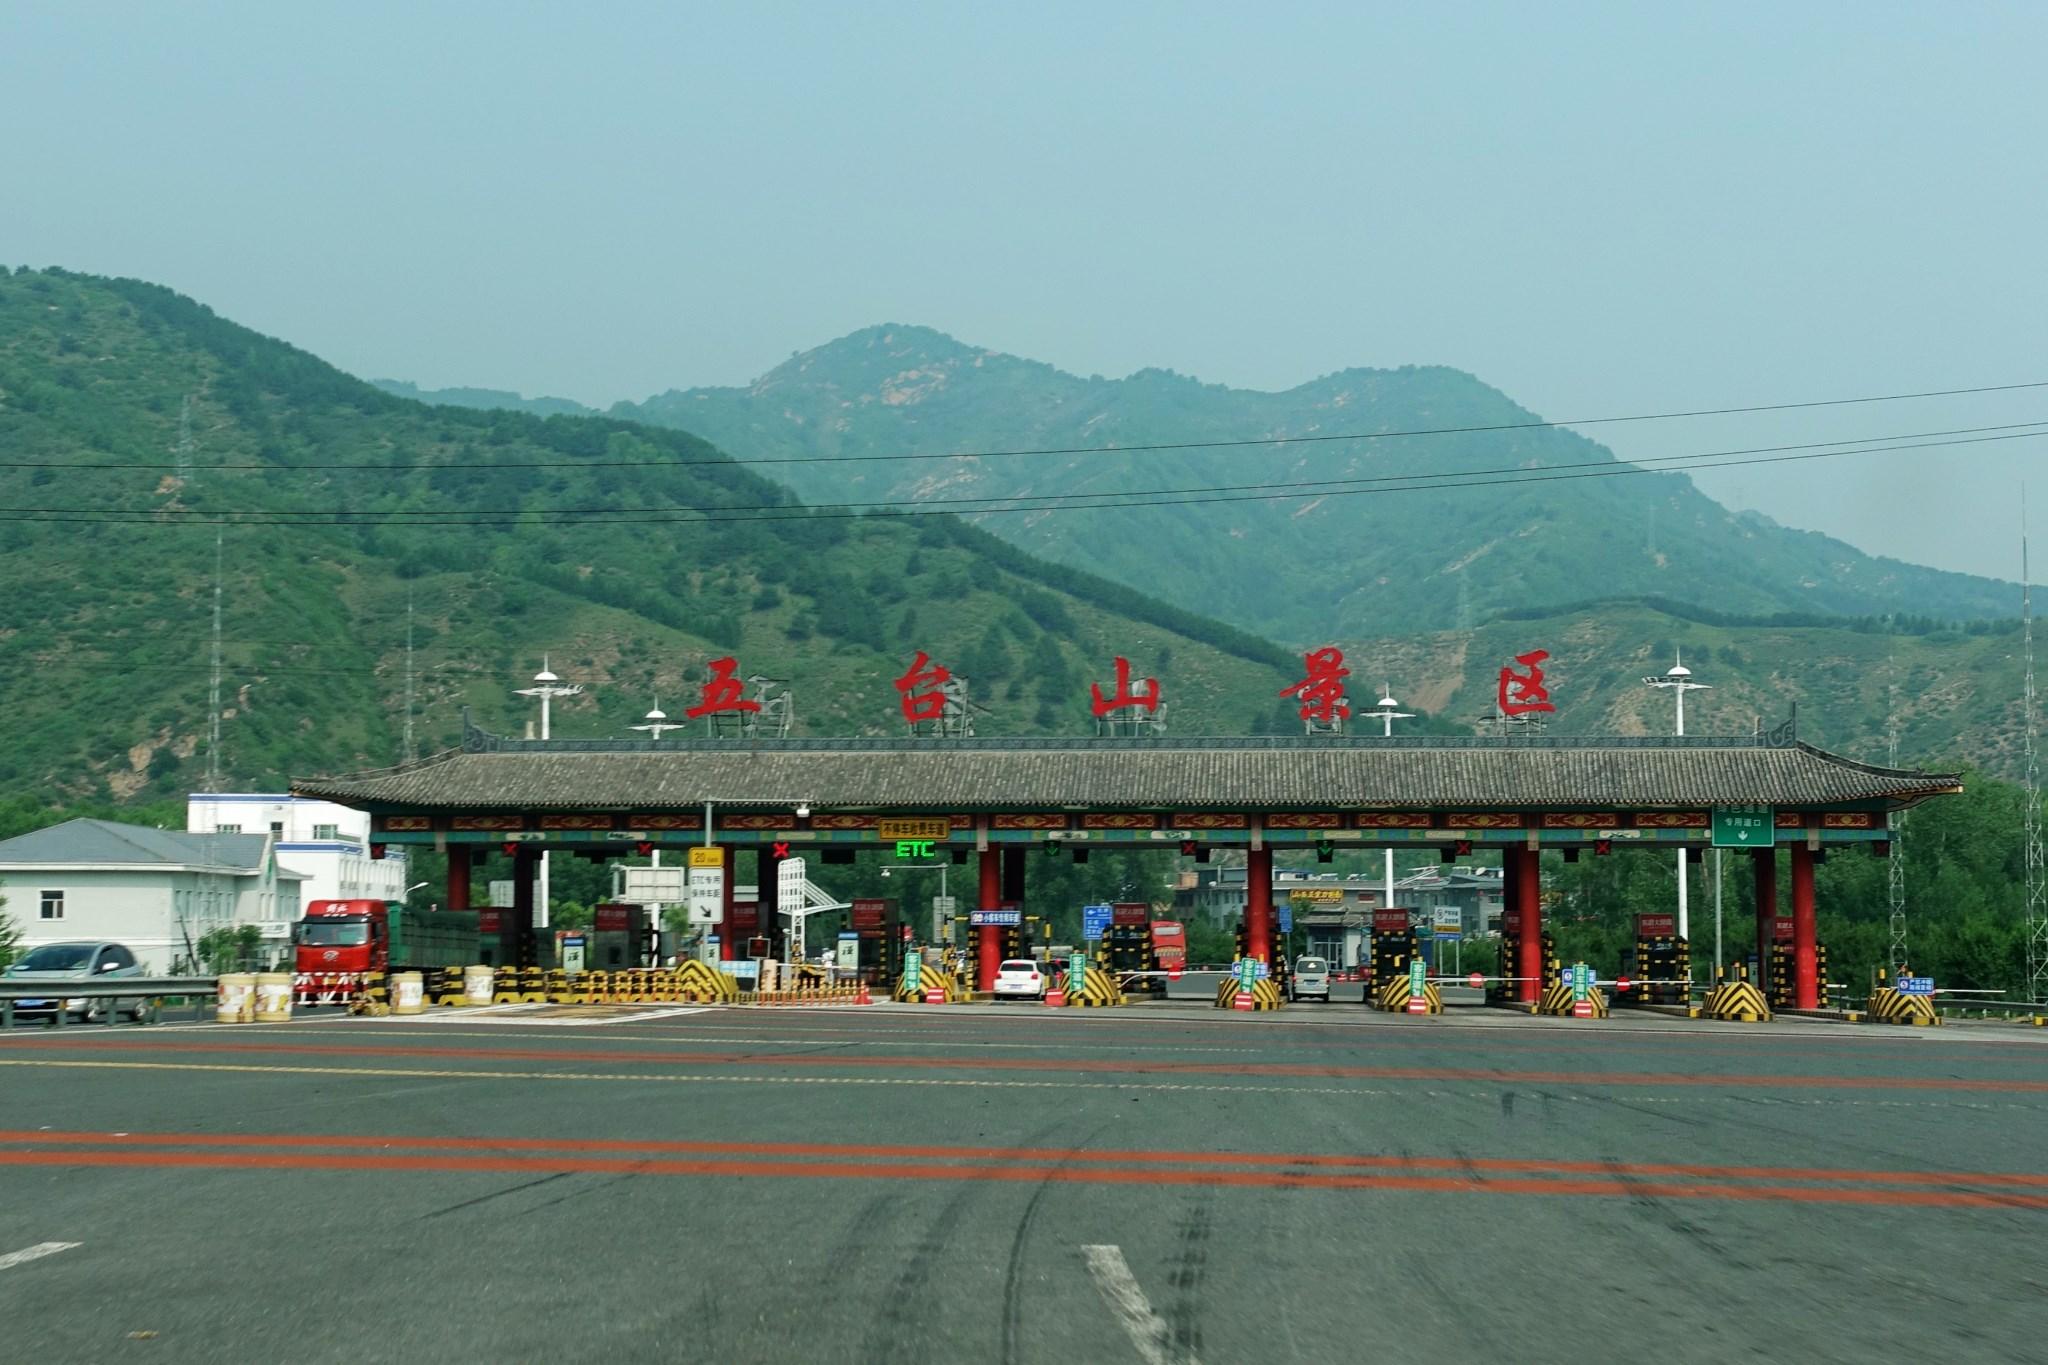 ShanXi Wutai Mountain